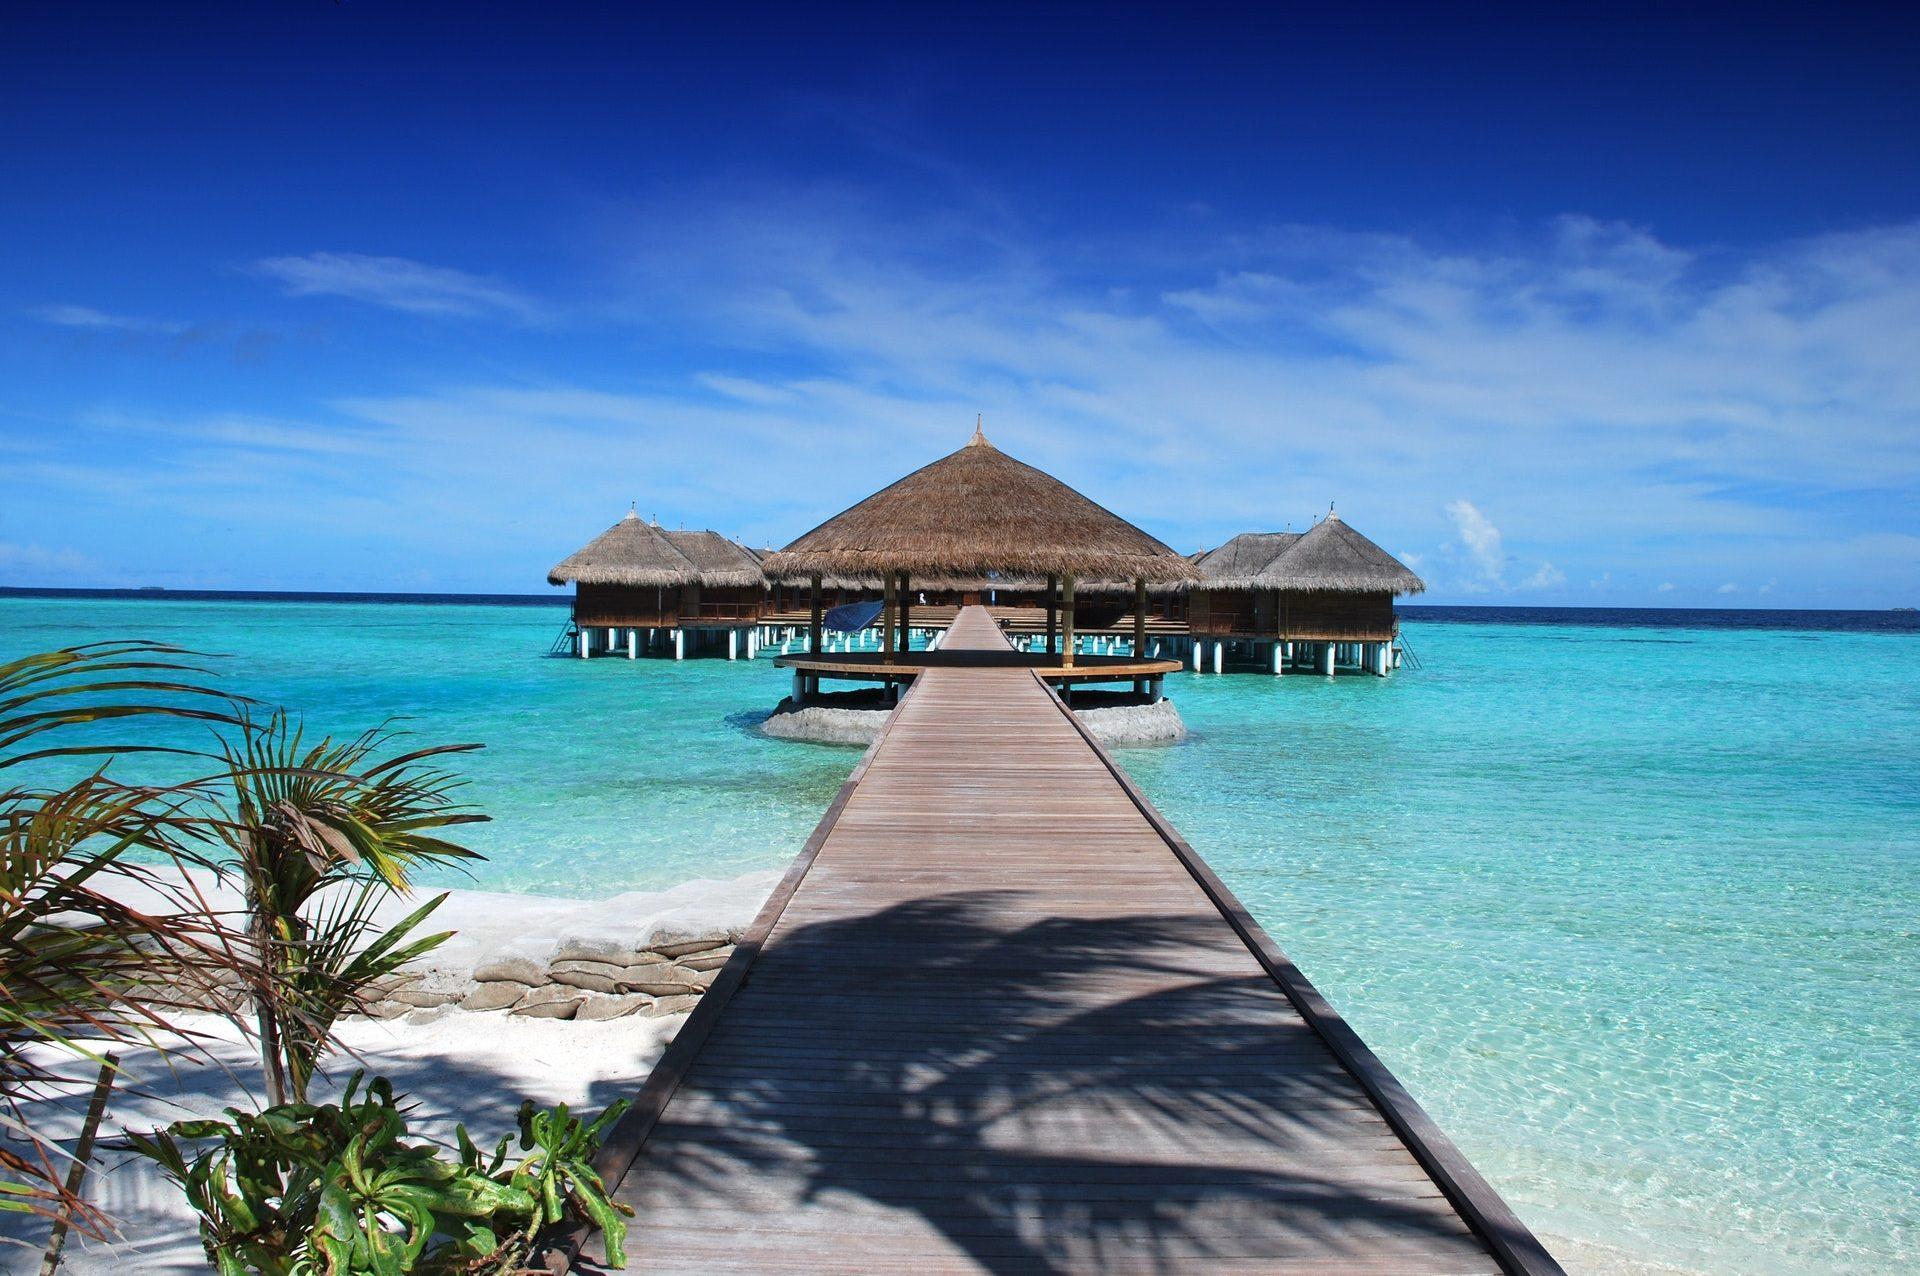 brown-hut-island-gazebo-38238